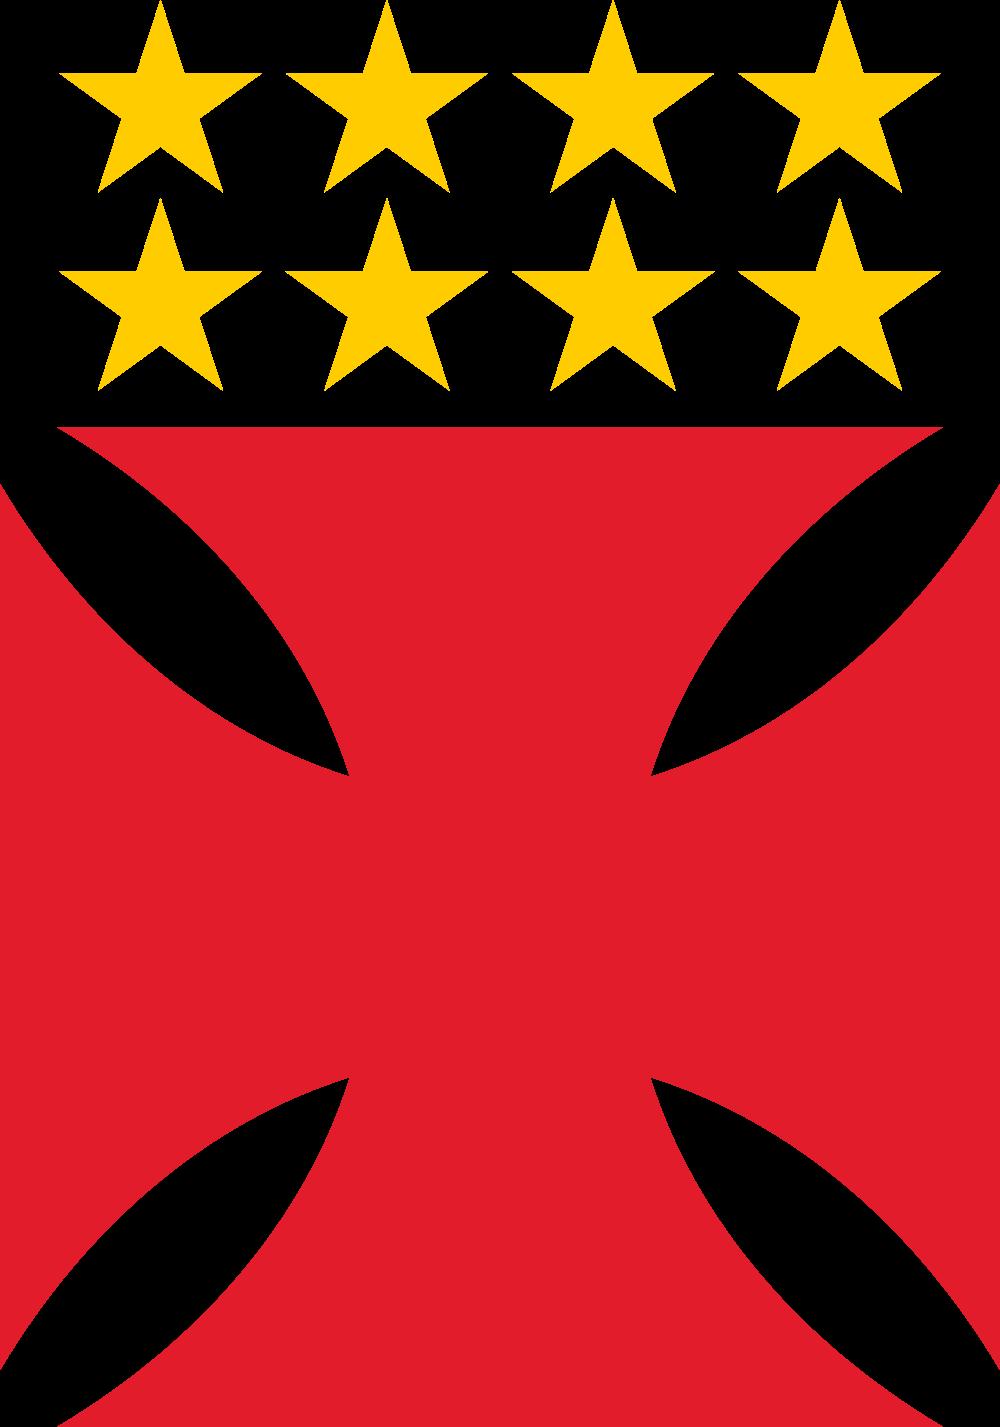 Vasco da Gama Cruz de Malta.